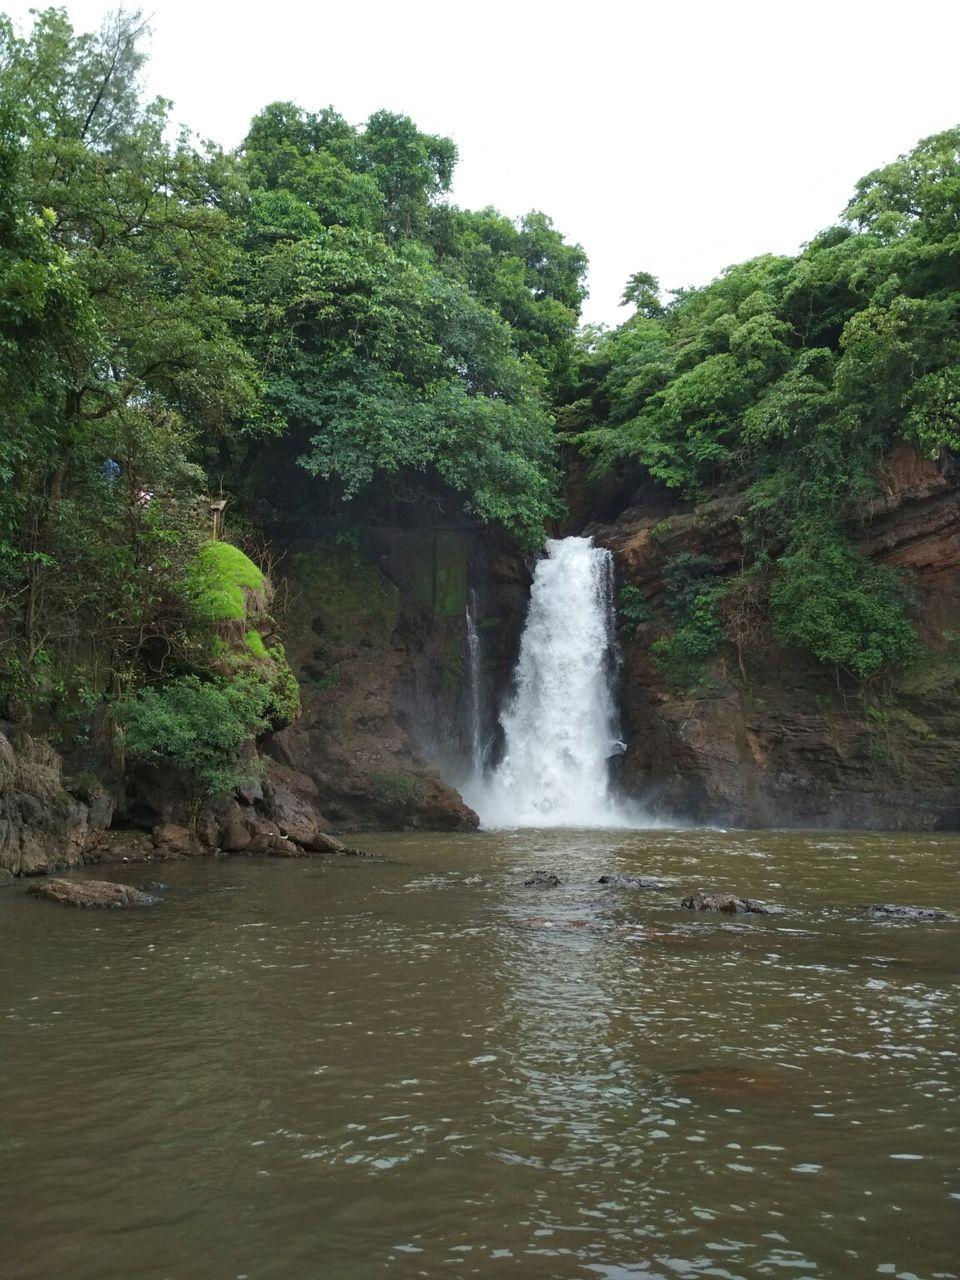 Photos of Hidden gem of Goa-Arvalem waterfall 1/1 by Meghana Desai